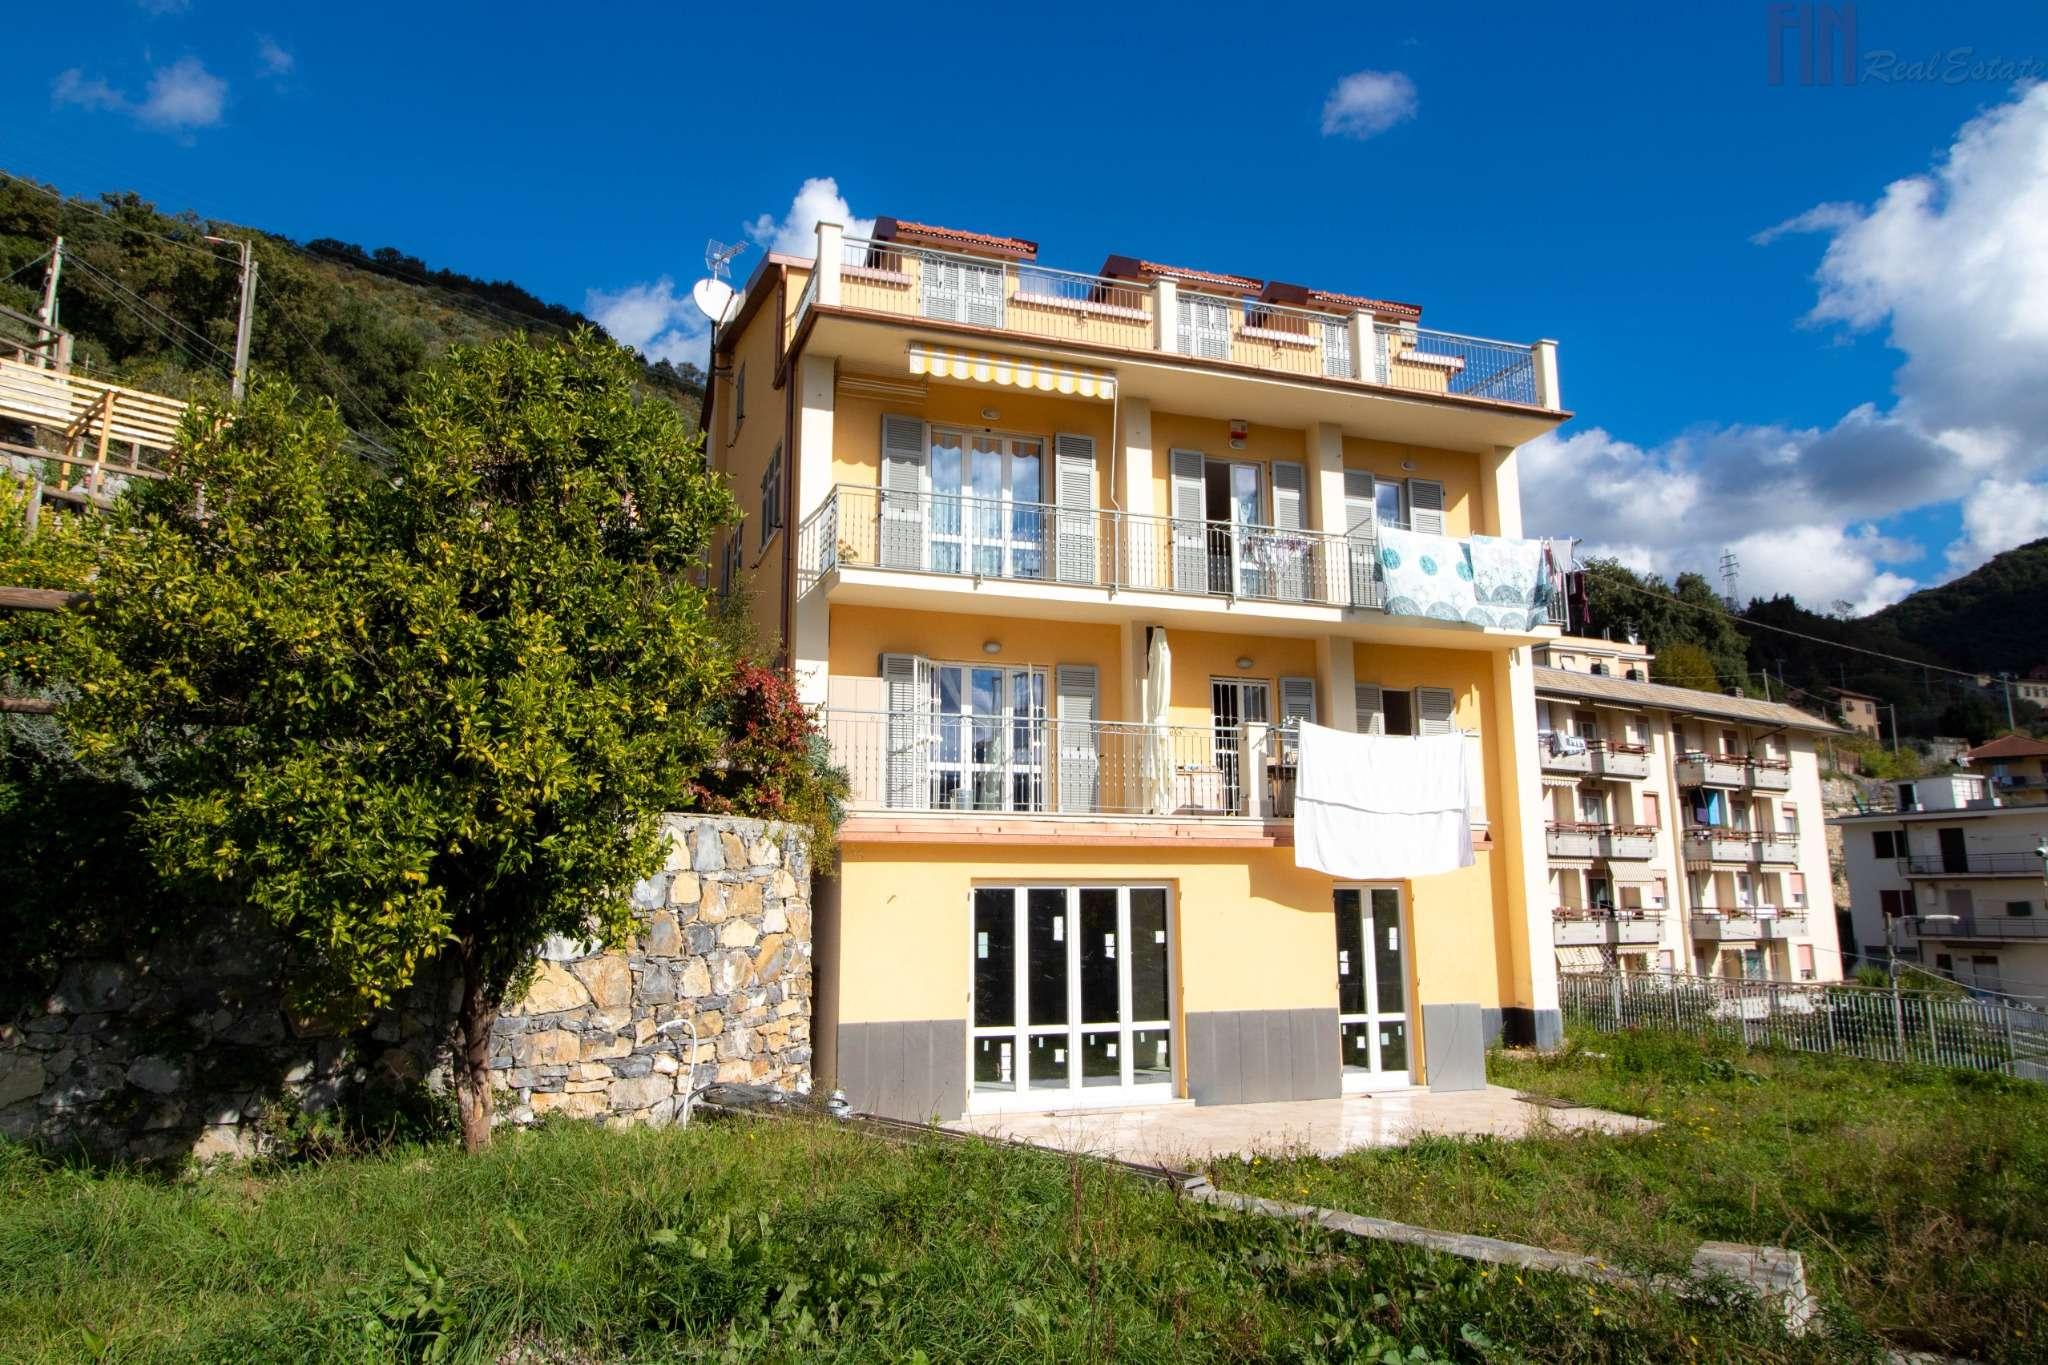 Appartamento in vendita a Genova, 3 locali, prezzo € 375.000 | PortaleAgenzieImmobiliari.it